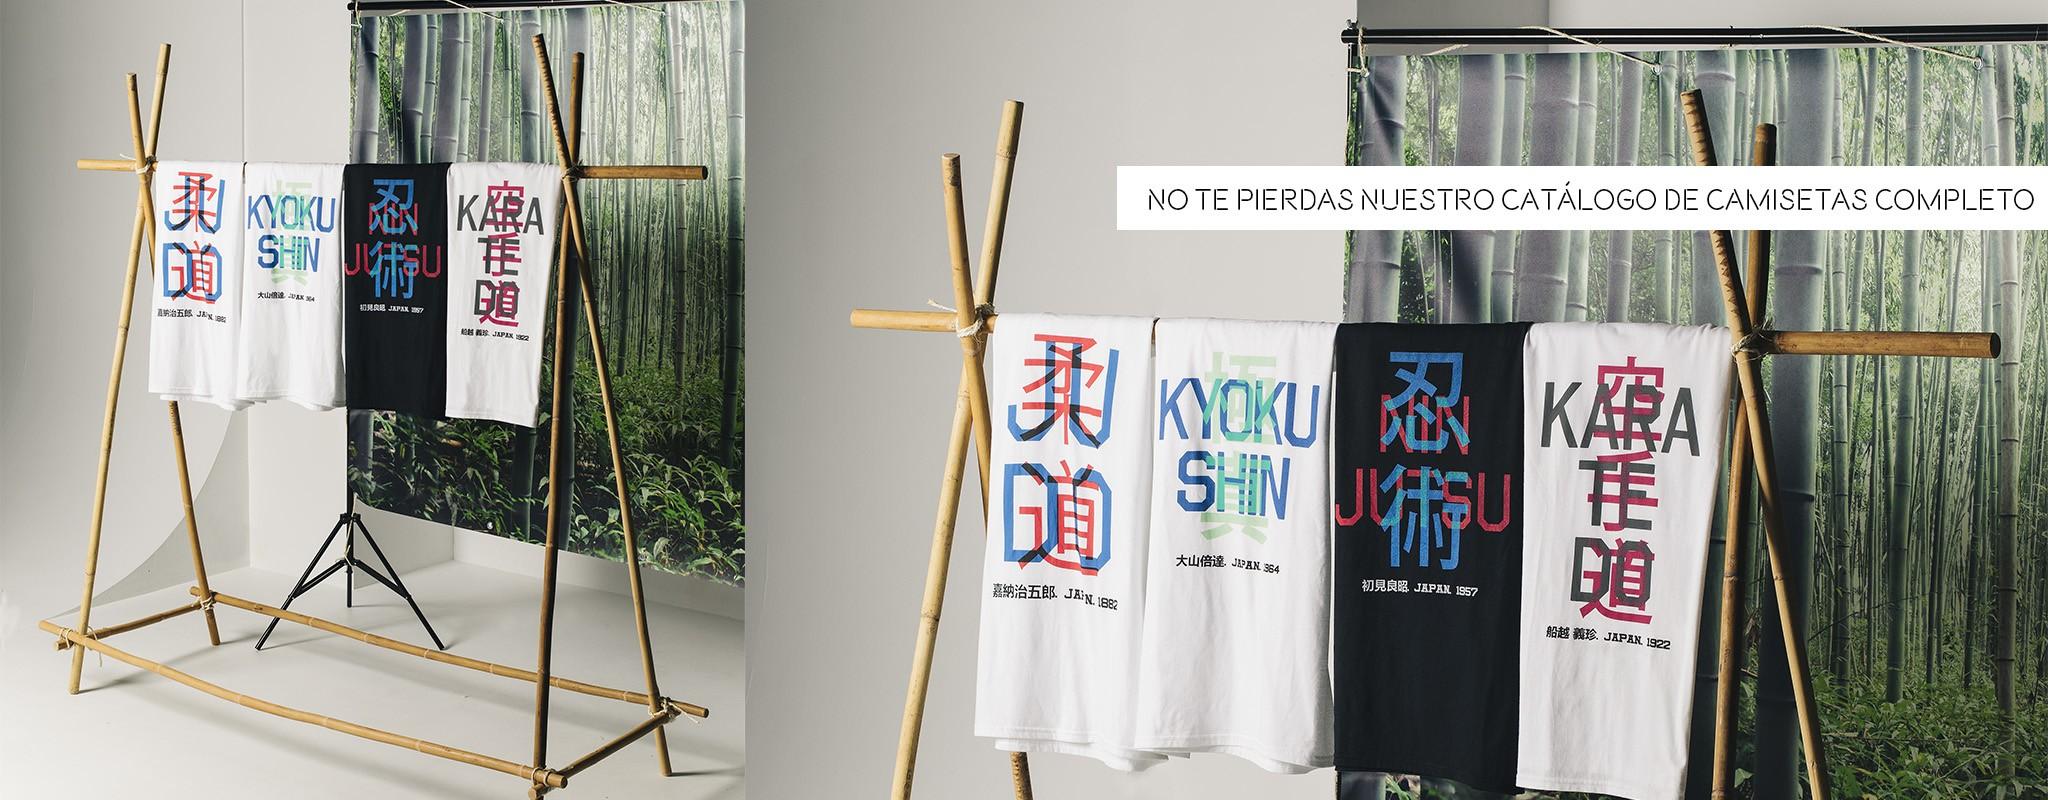 Camisetas Artes Marciales